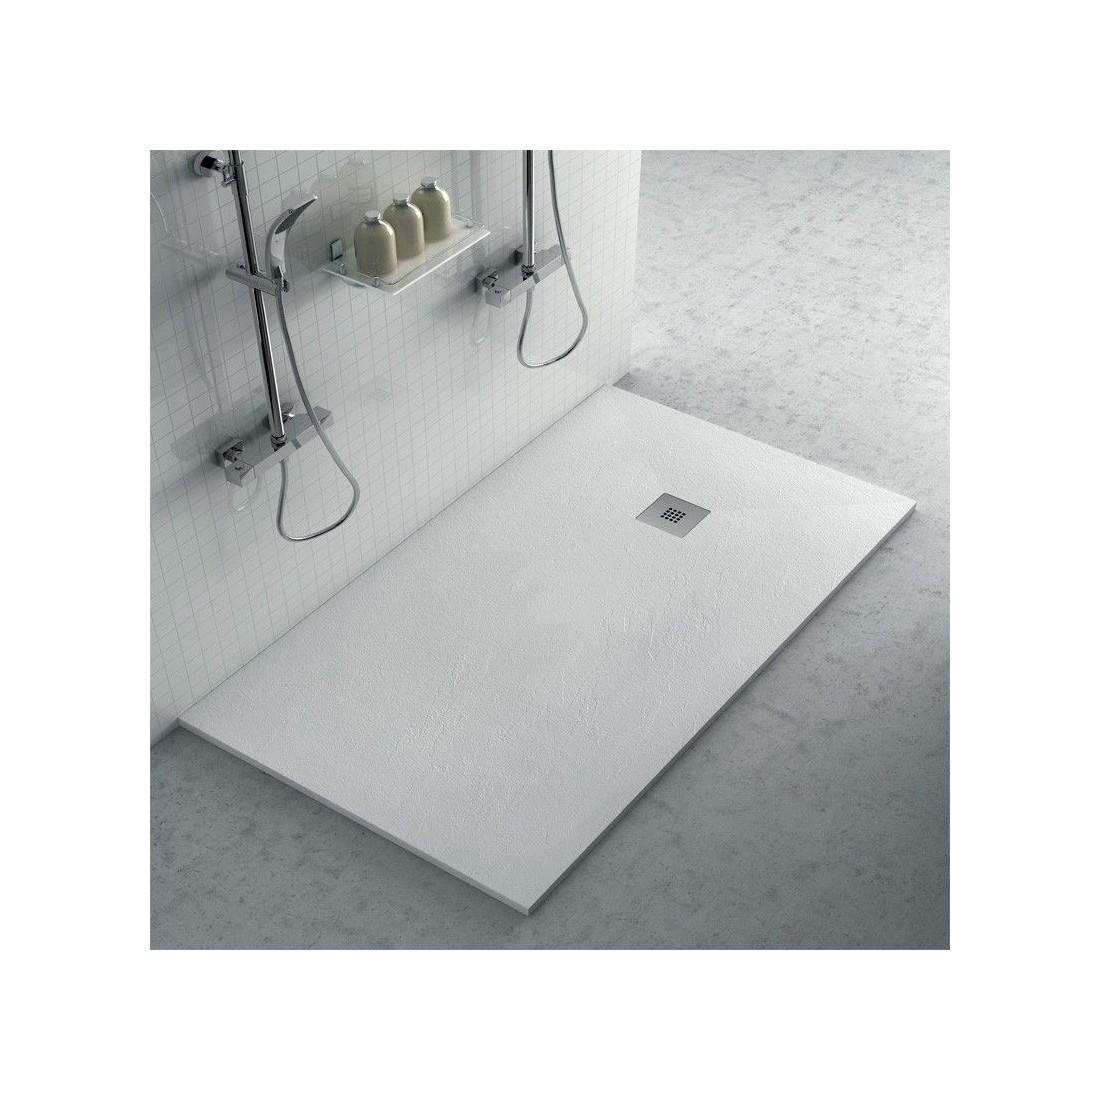 Comprar plato de resina pizarra blanco al mejor precio online - Platos de ducha pequenos ...